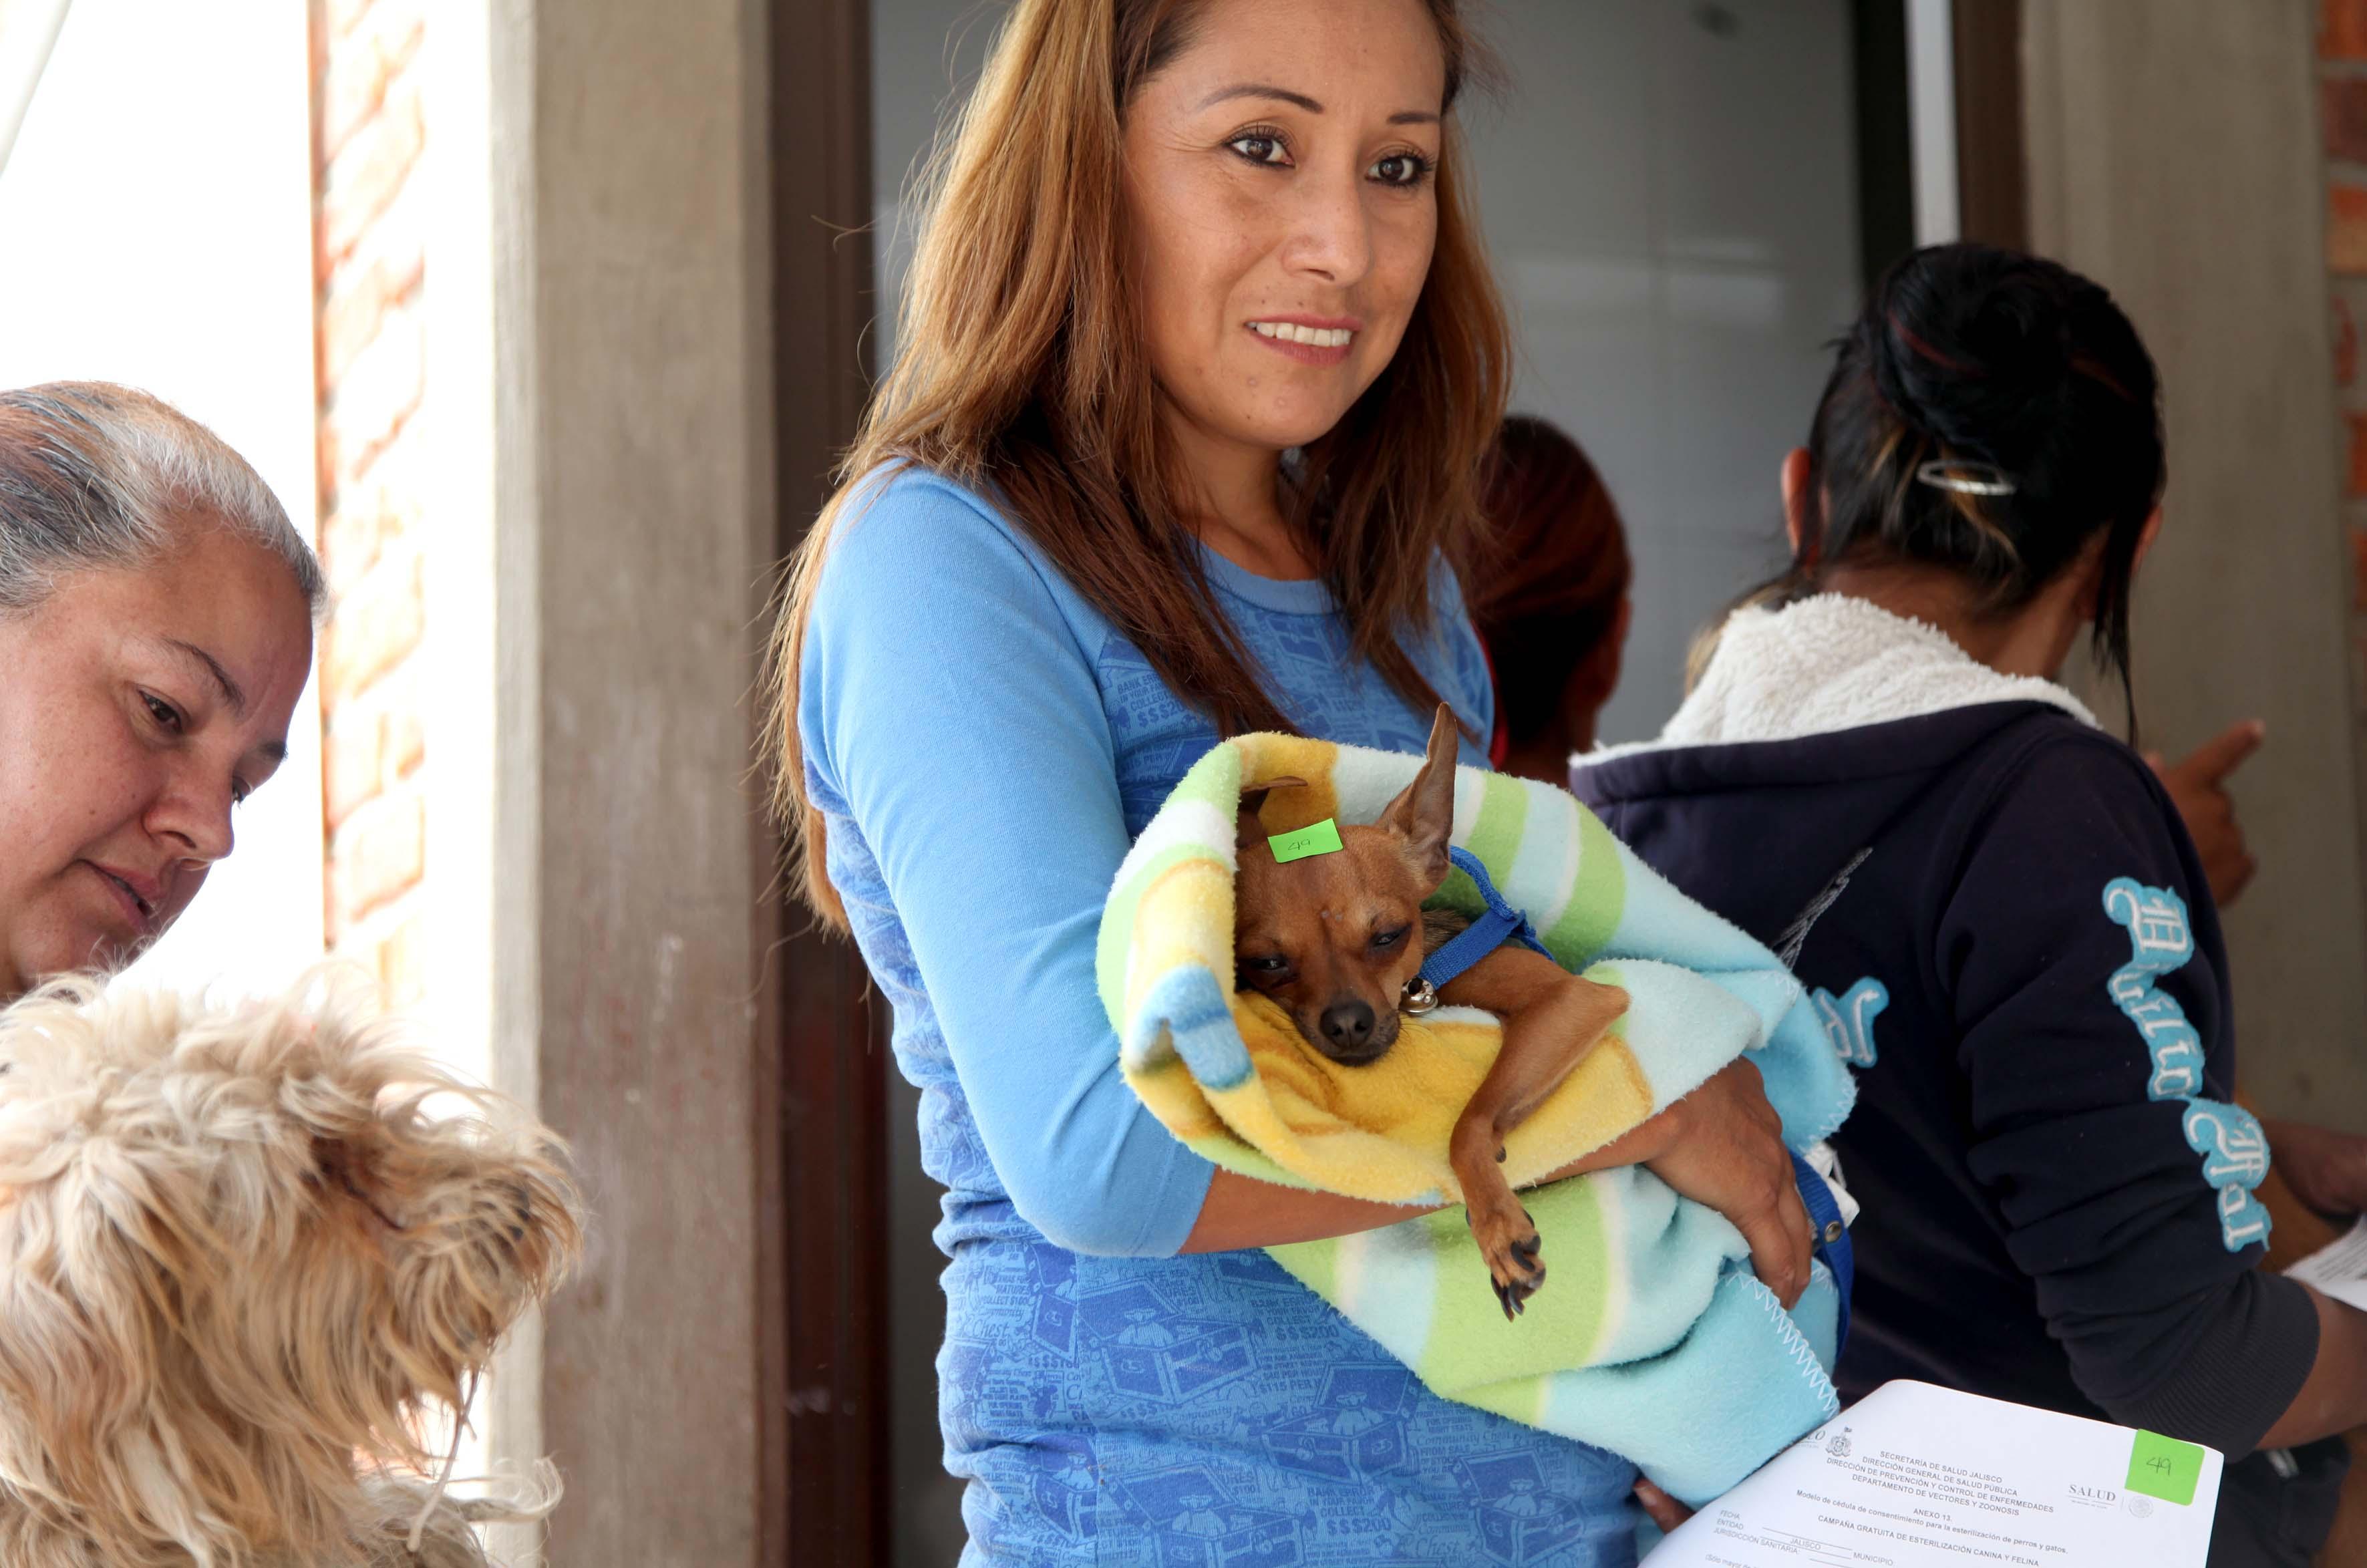 Mujeres llevando sus mascotas a esterelizarlos